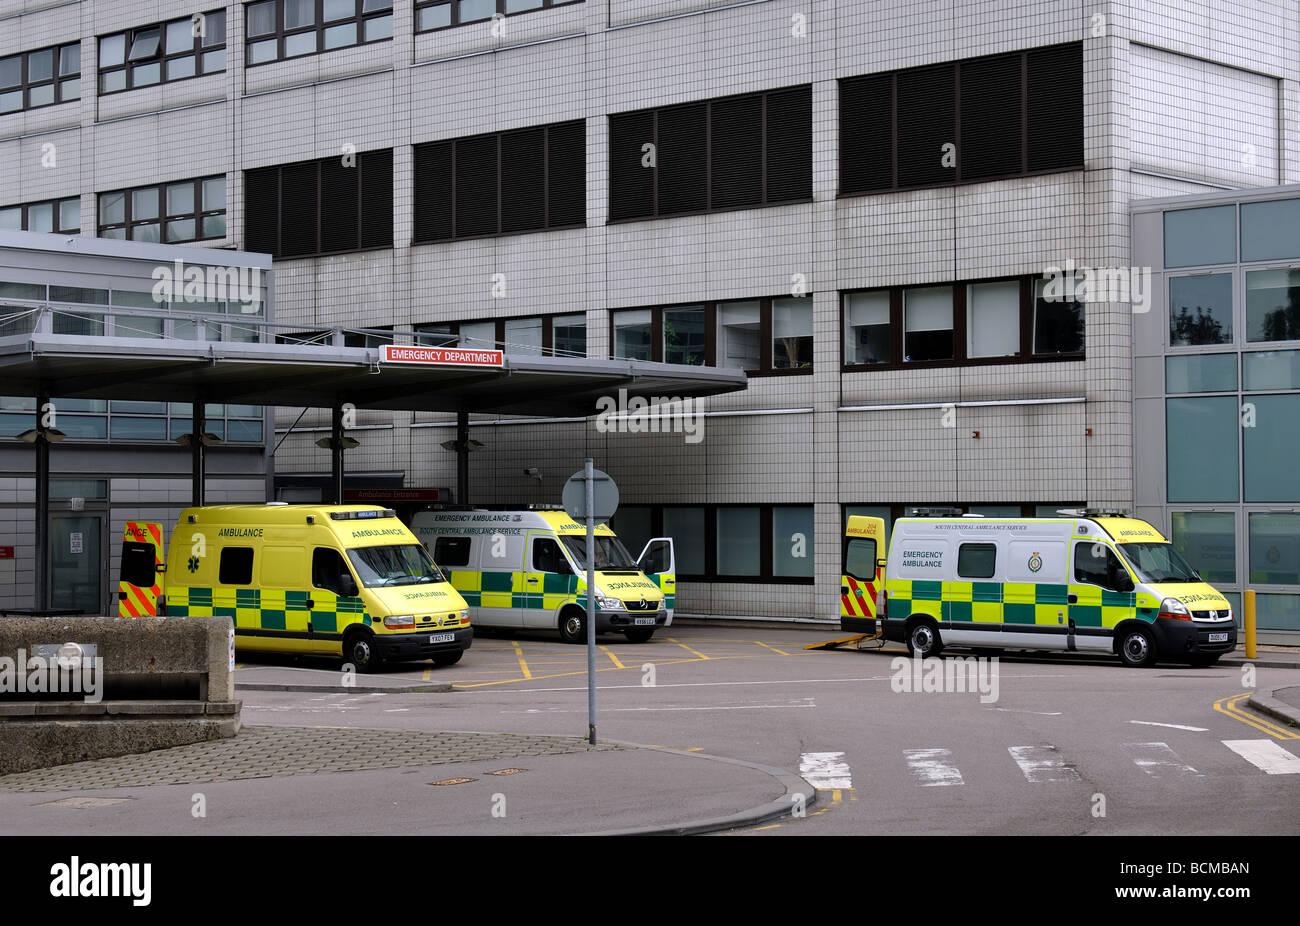 Ambulances at John Radcliffe Hospital, Headington, Oxford, England, UK - Stock Image